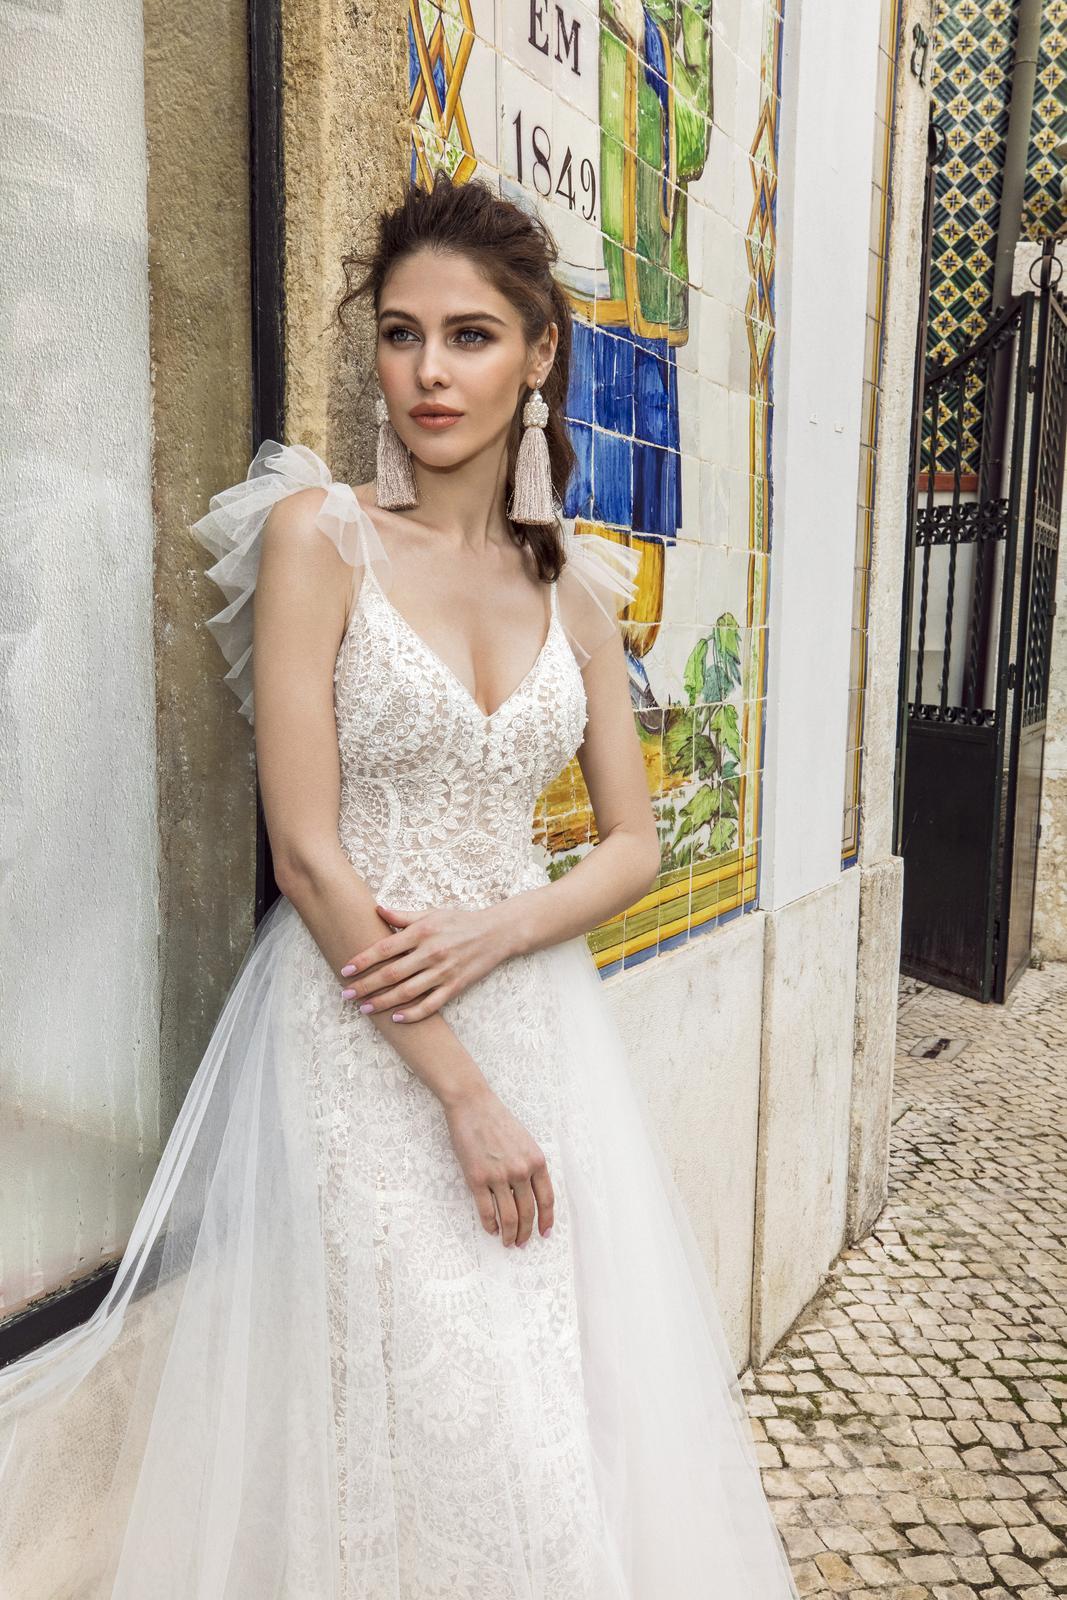 Svadobné šaty Innocentia inšpirované Lisabonom - Obrázok č. 10